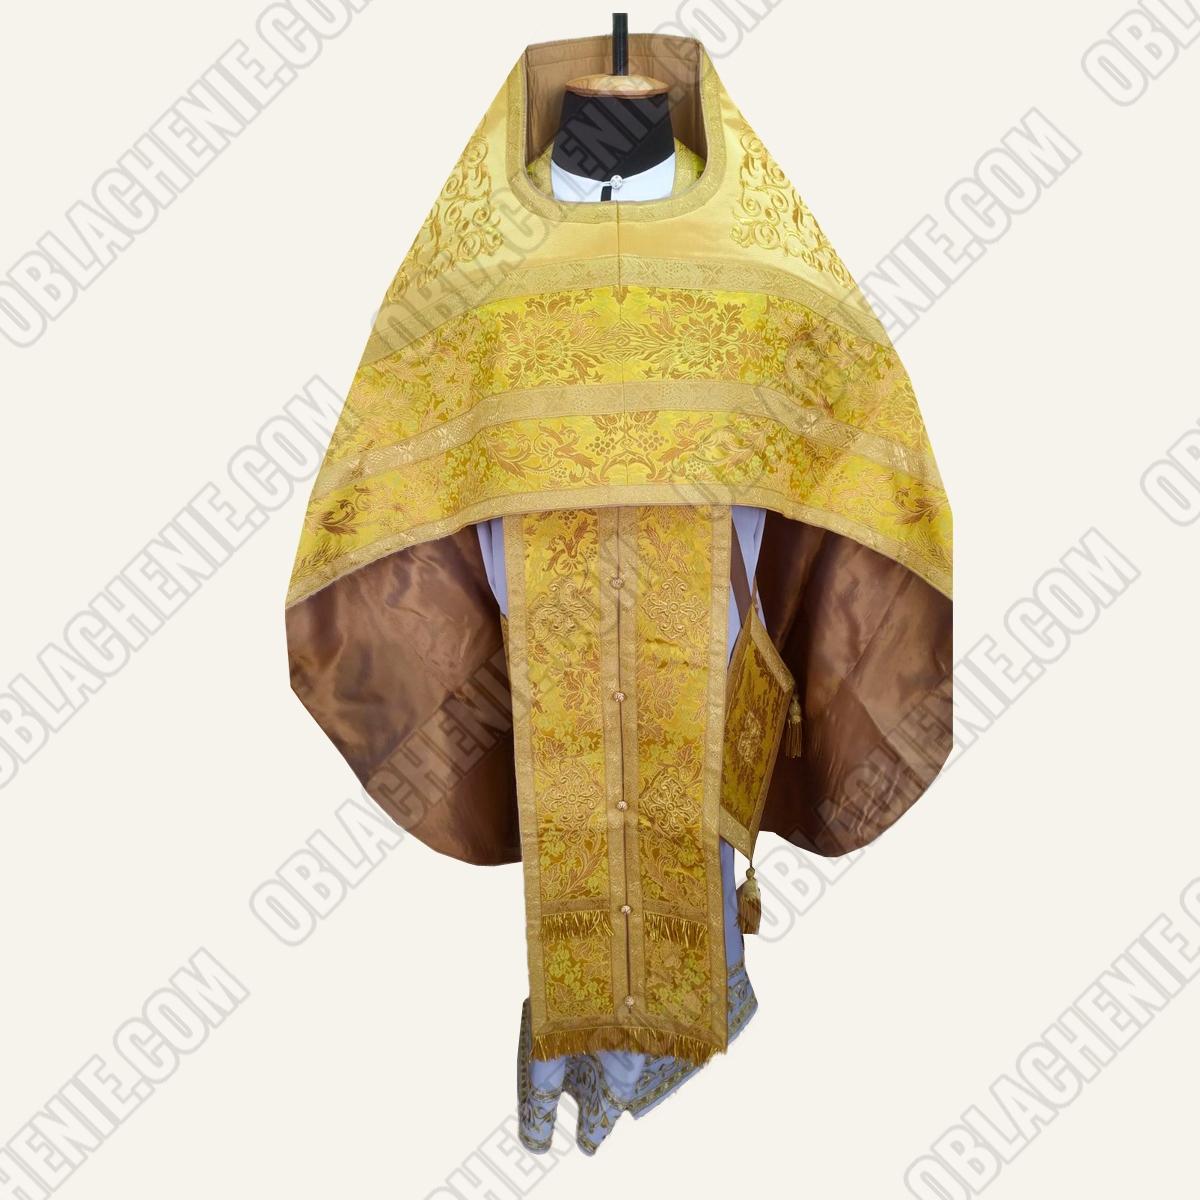 PRIEST'S VESTMENTS 11159